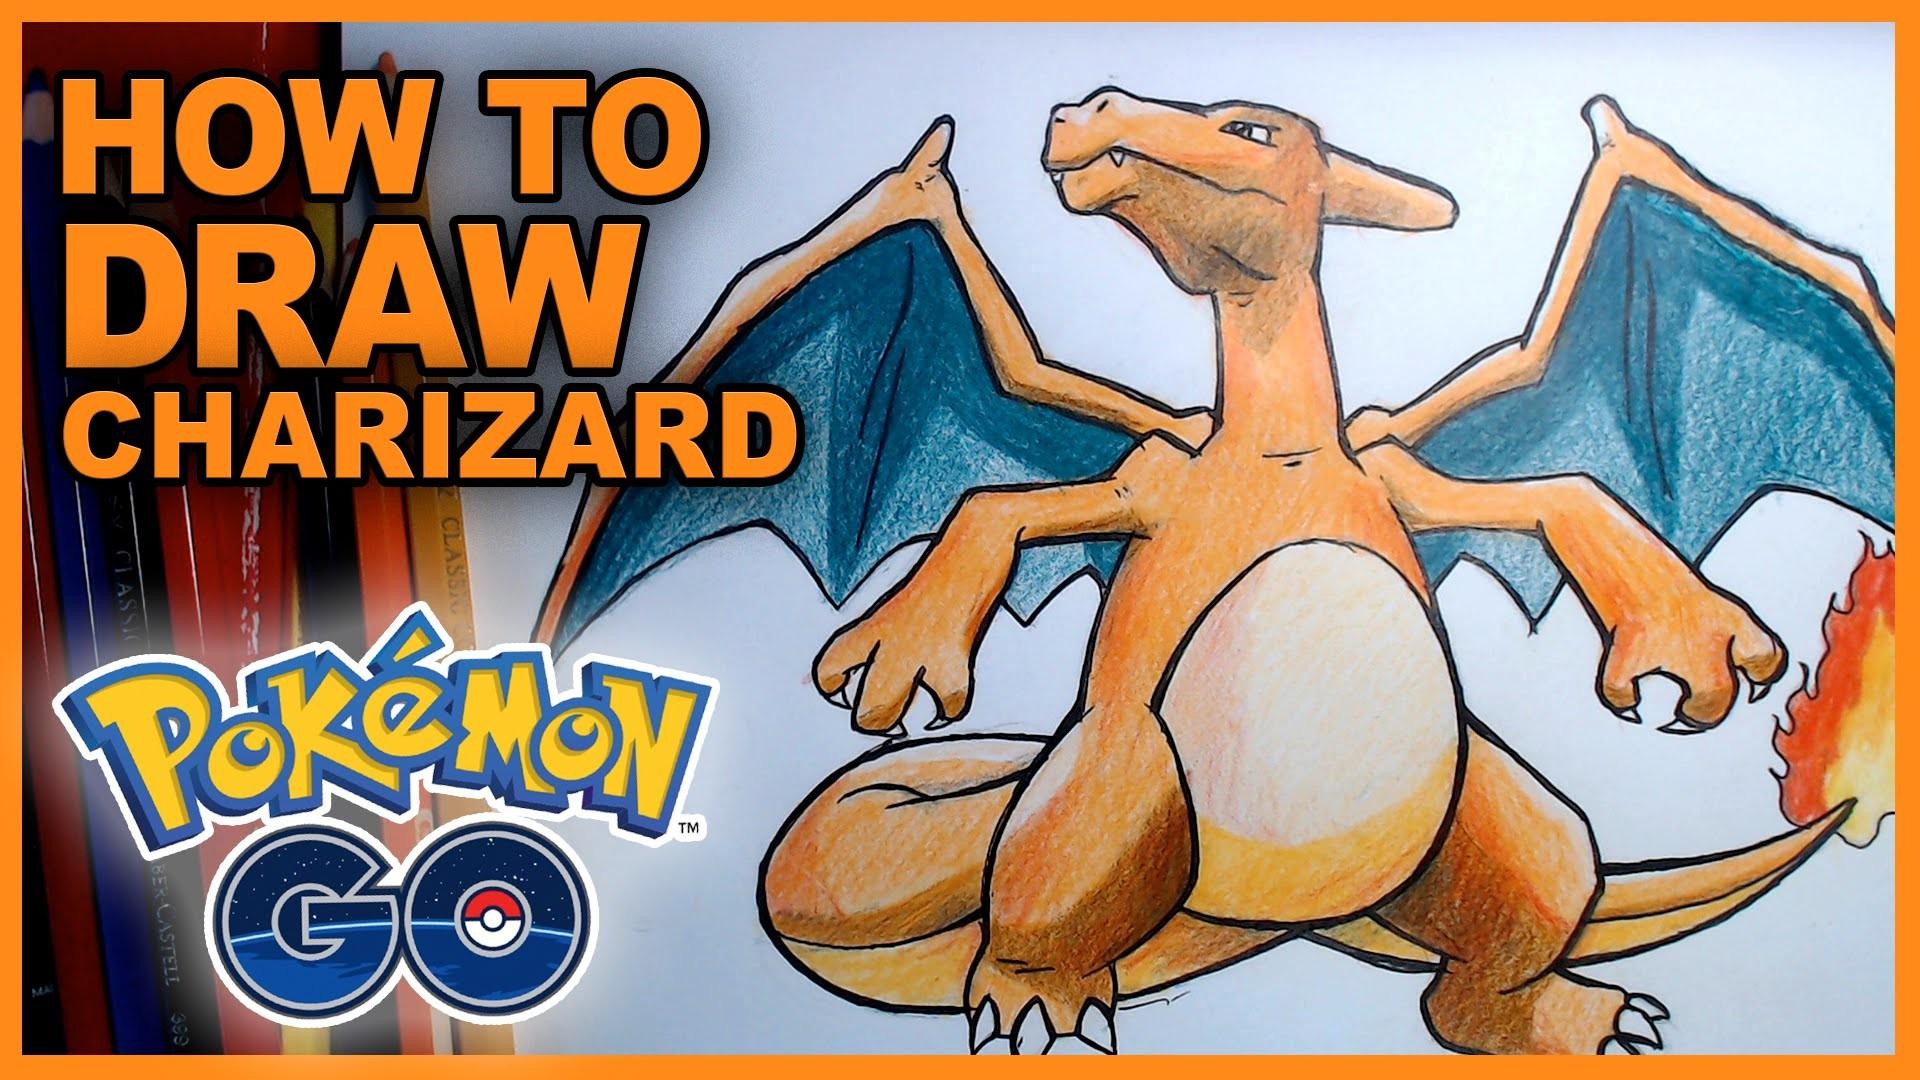 How To Draw Charizard! Epic Pokemon Go Fan Art Tutorial